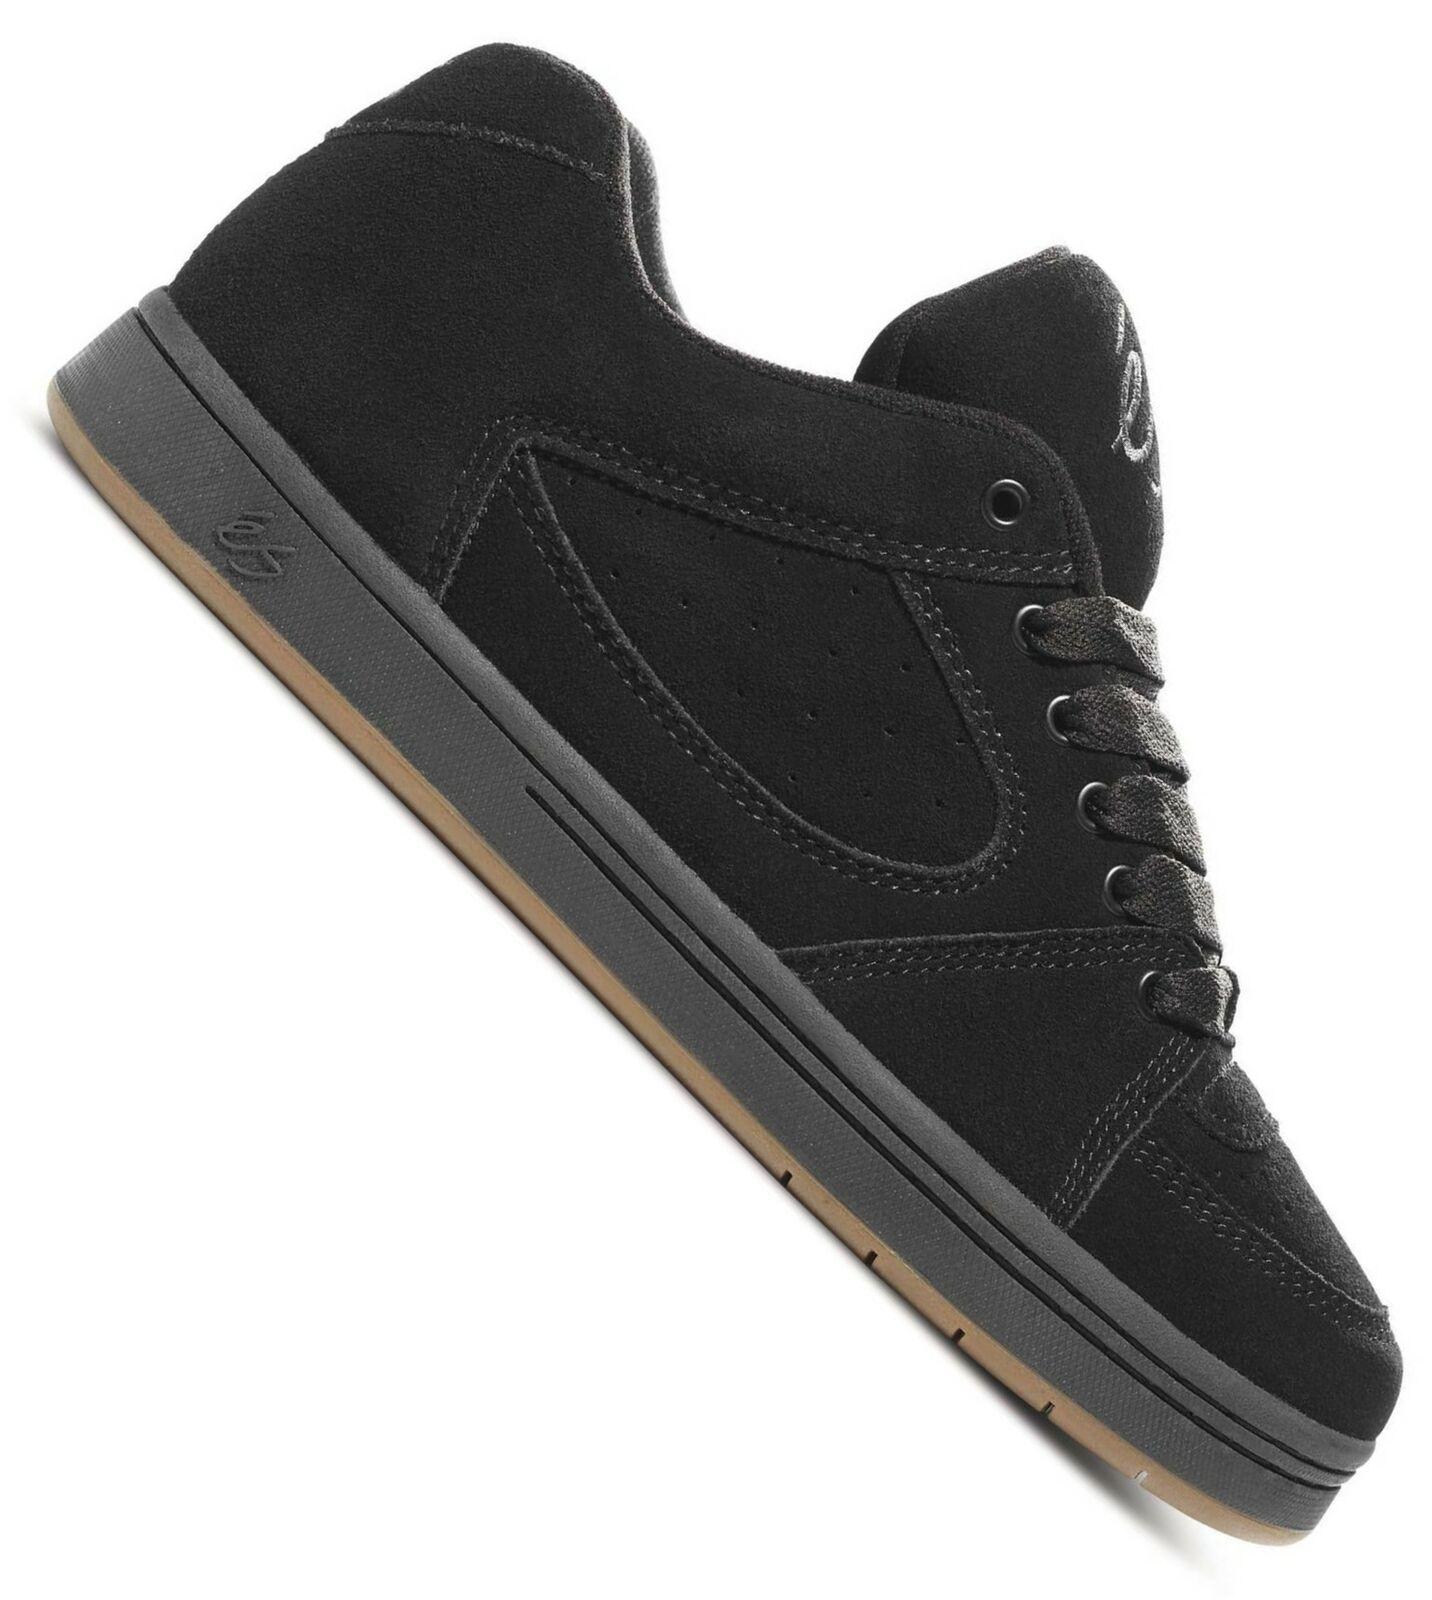 ES Accel OG Skate Schuh Herren Lederschuh schwarz